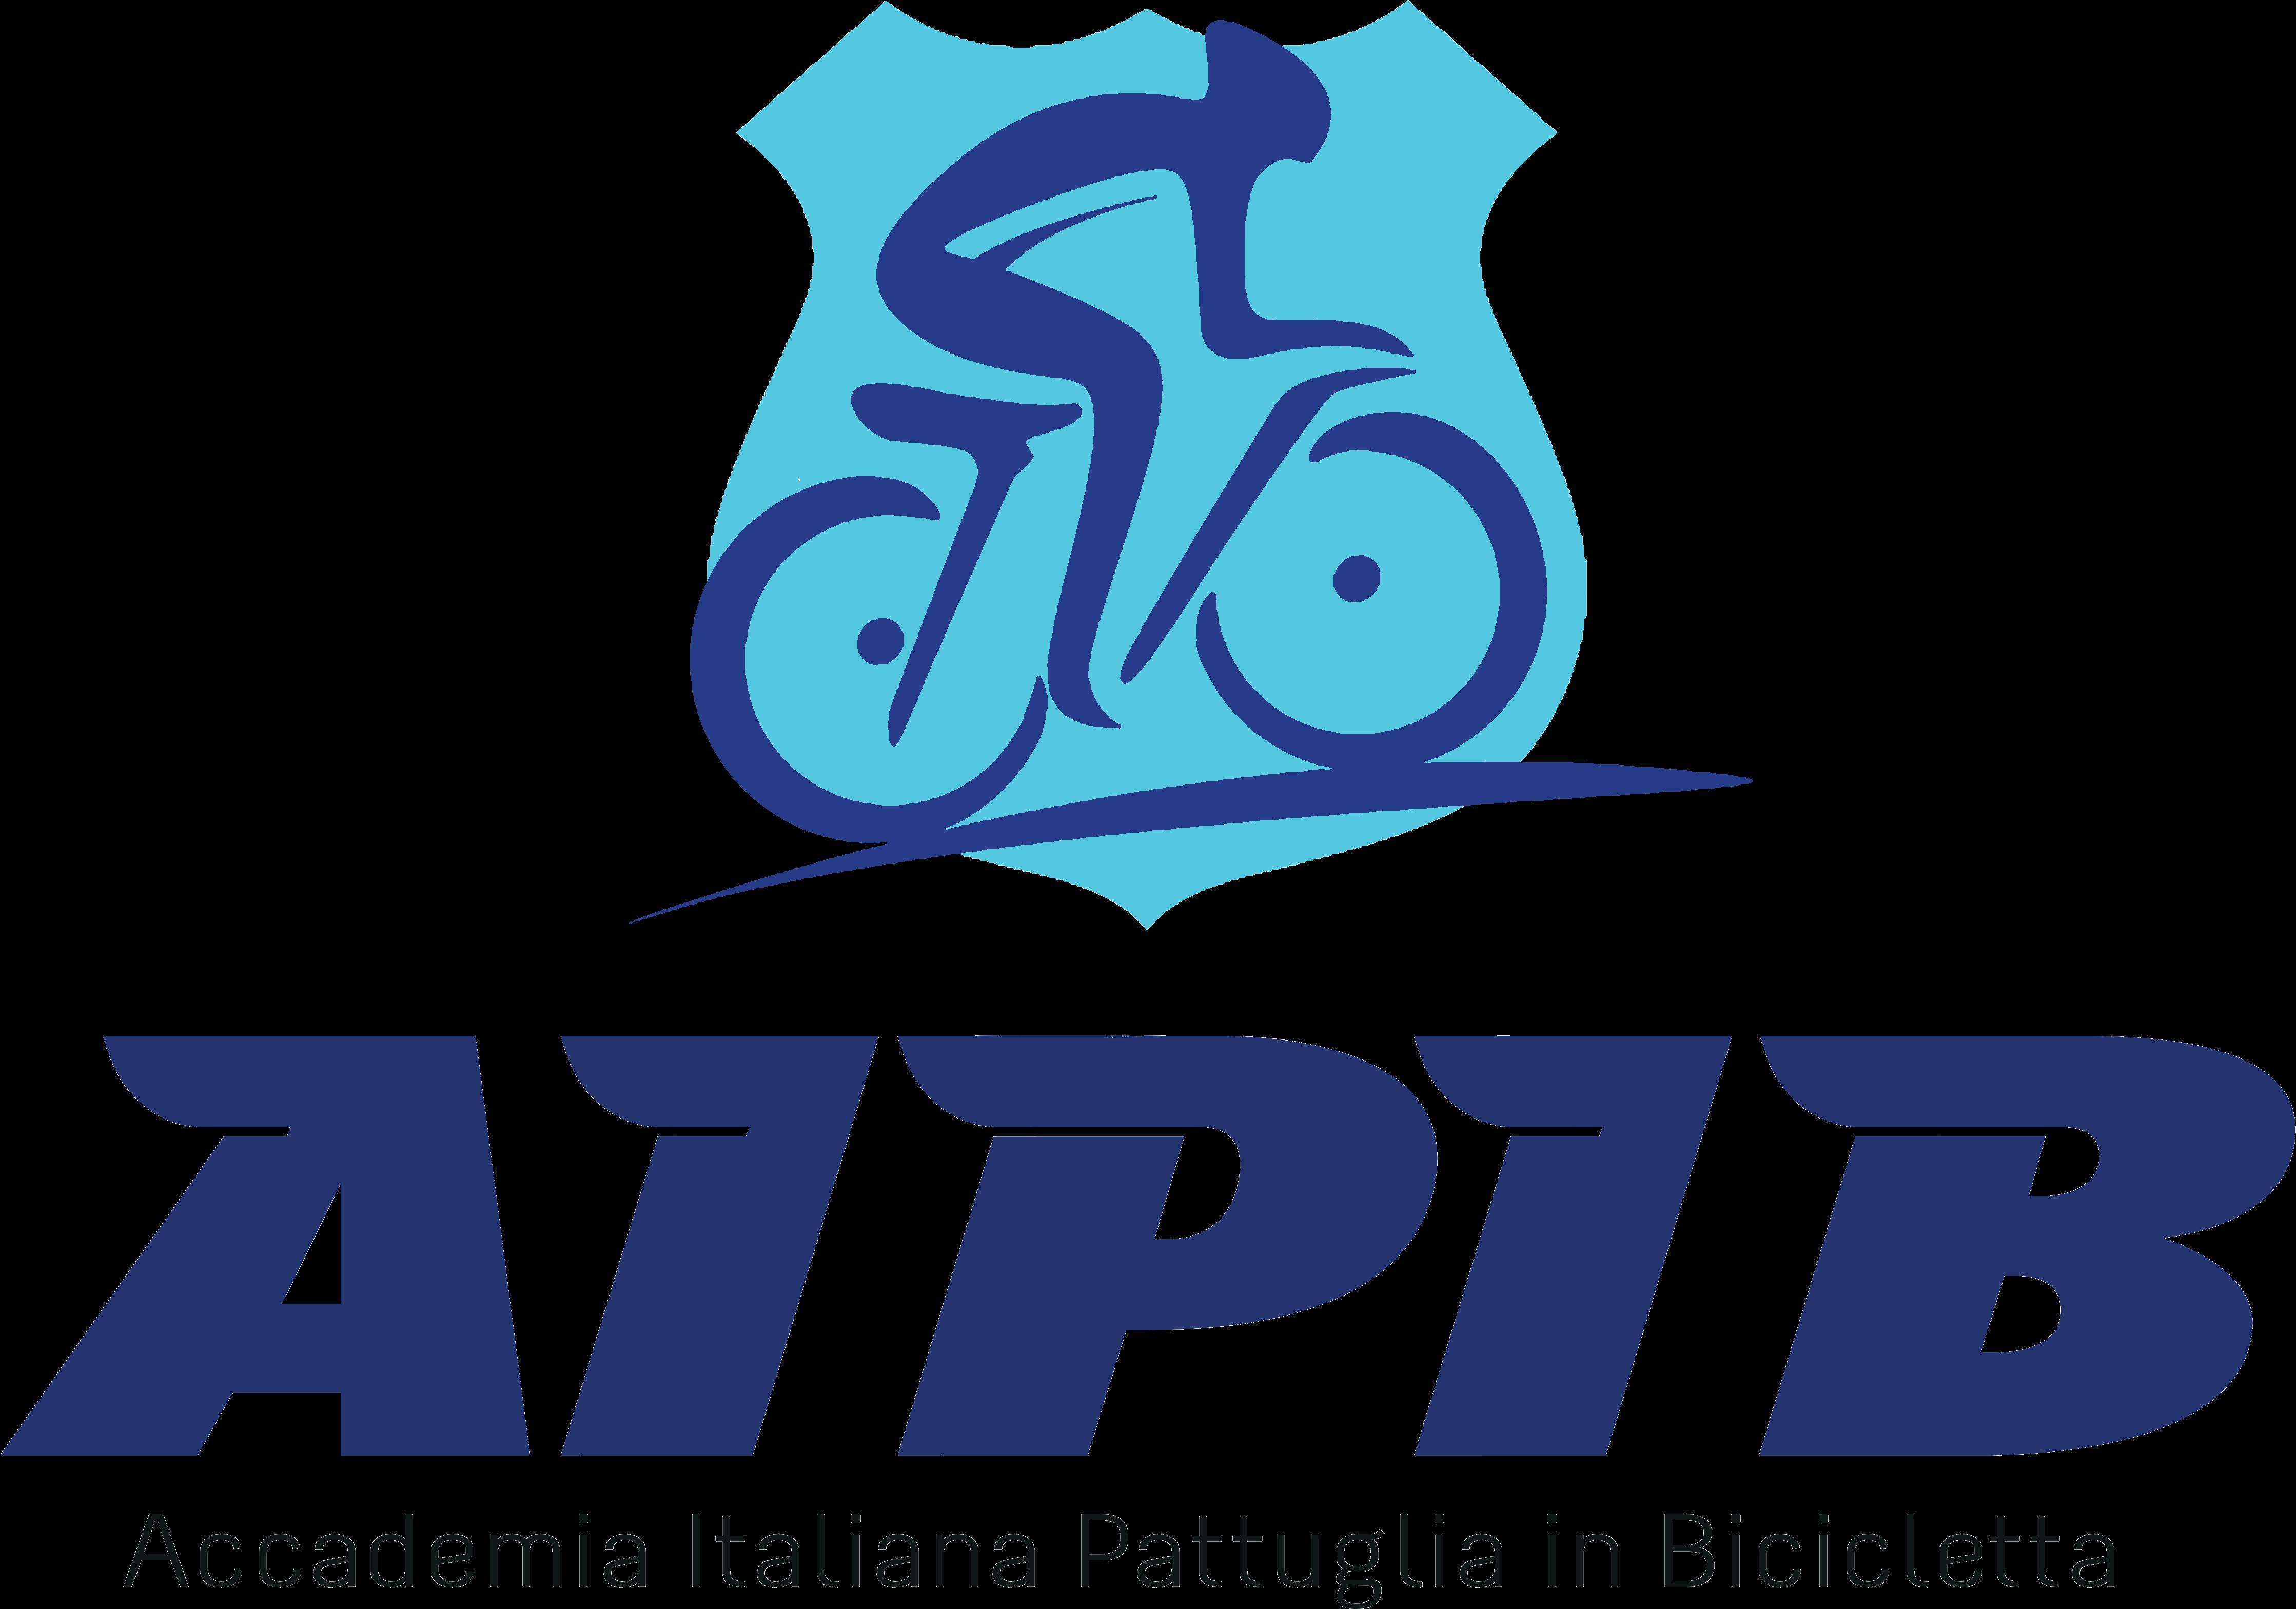 Storia dell'Accademia Italiana Pattuglia in Bicicletta